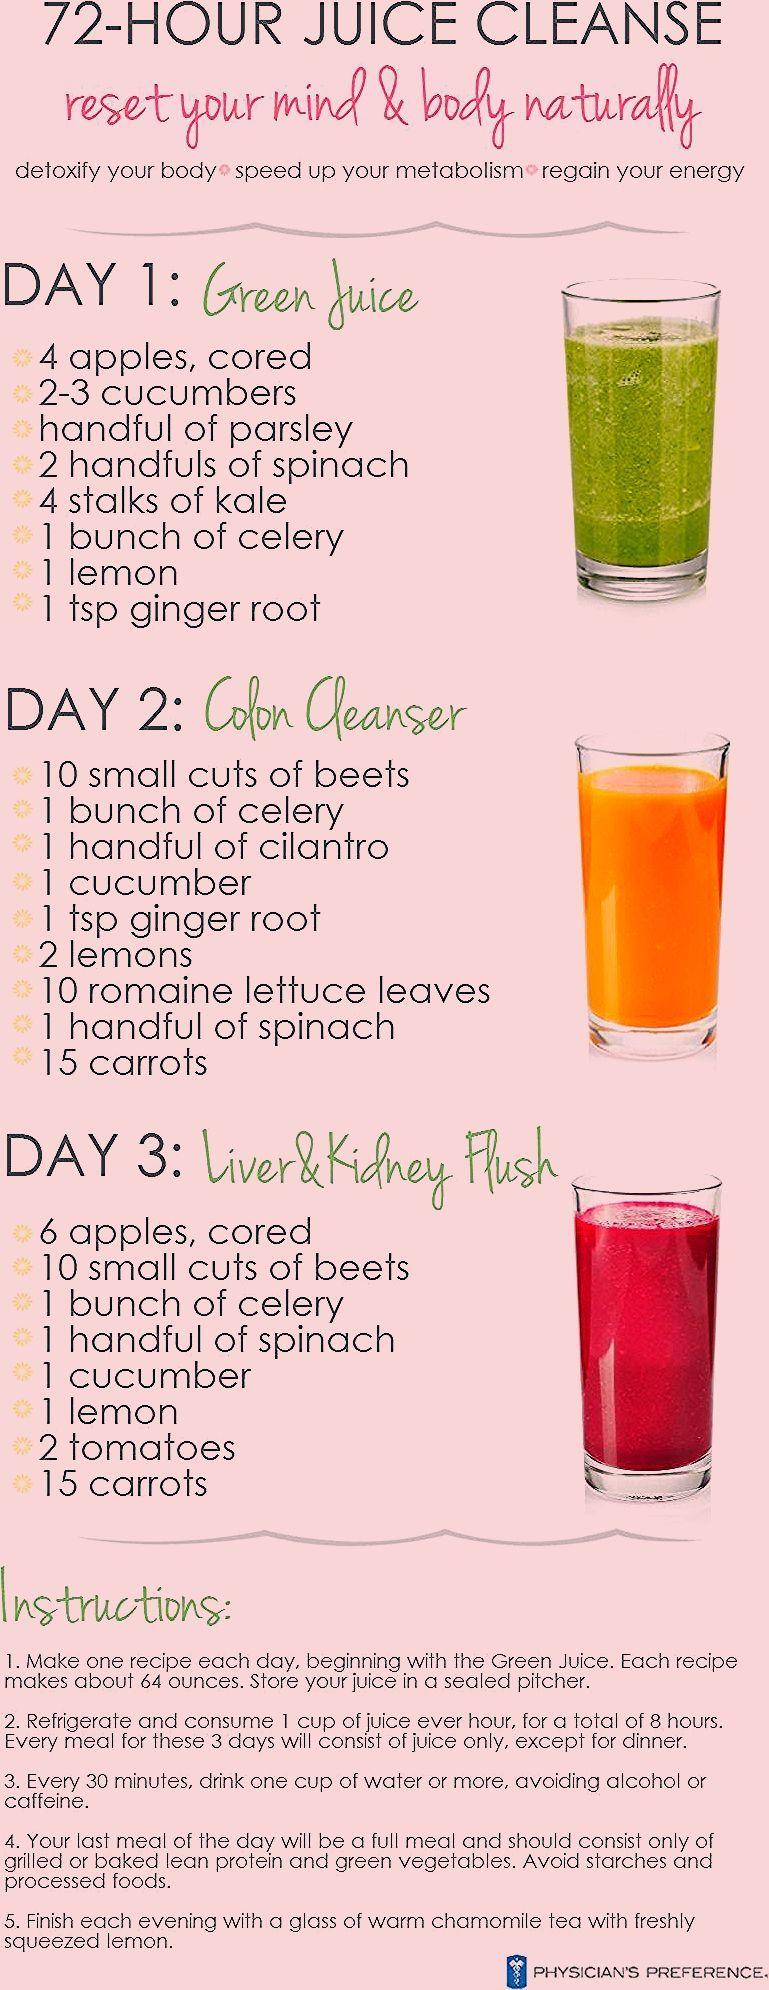 liquid diet gi cleanse